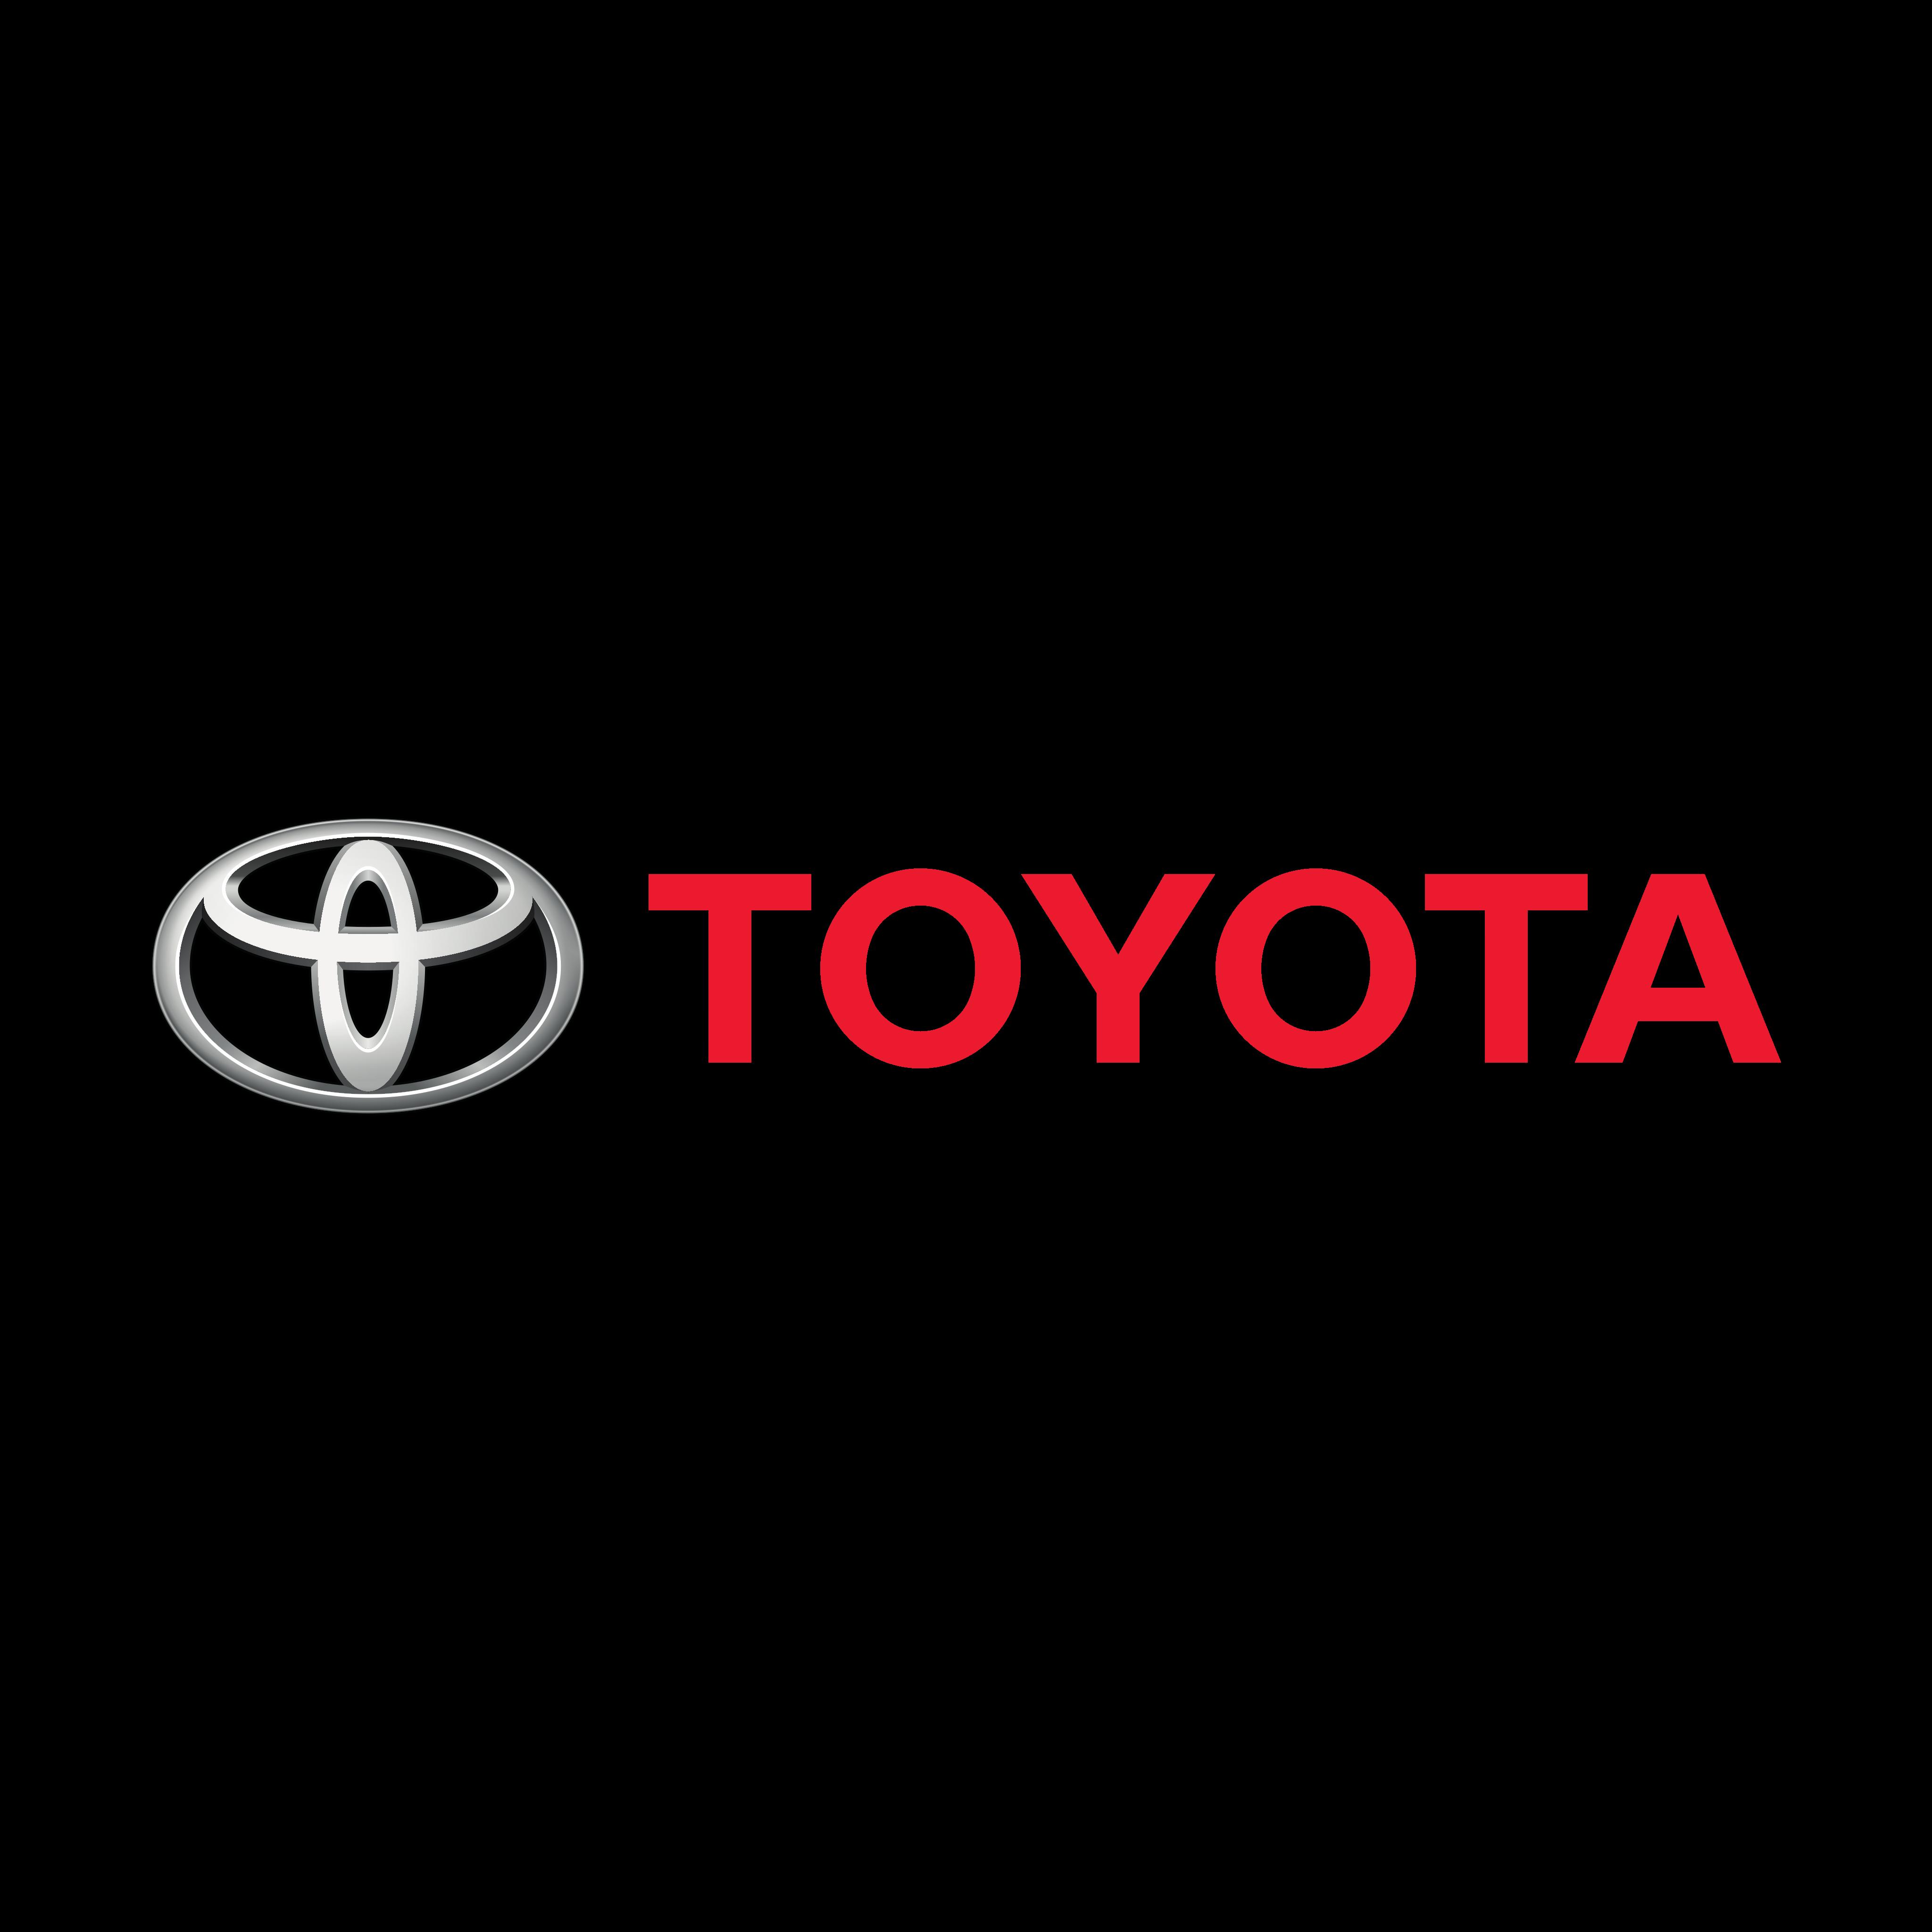 toyota logo 0 - Toyota Logo